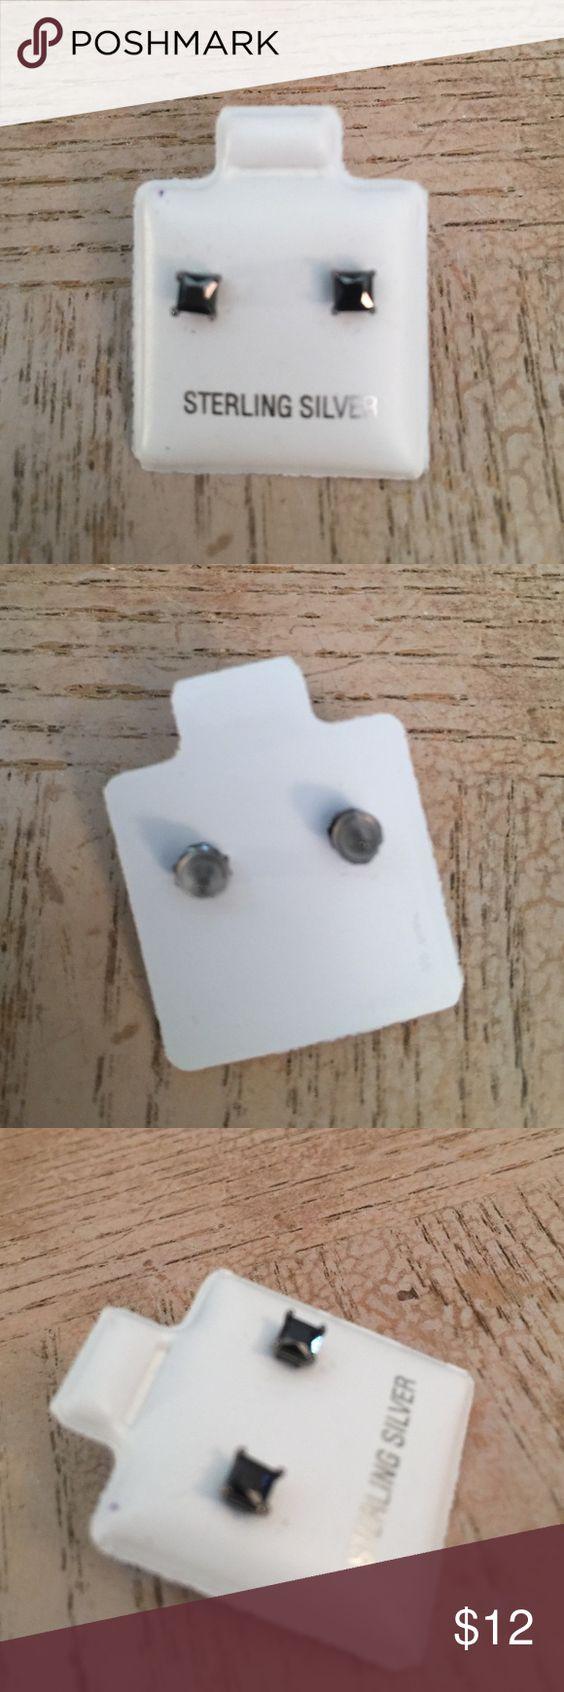 Earrings Sterling silver 💎 Earrings Sterling silver 💎 Jewelry Earrings